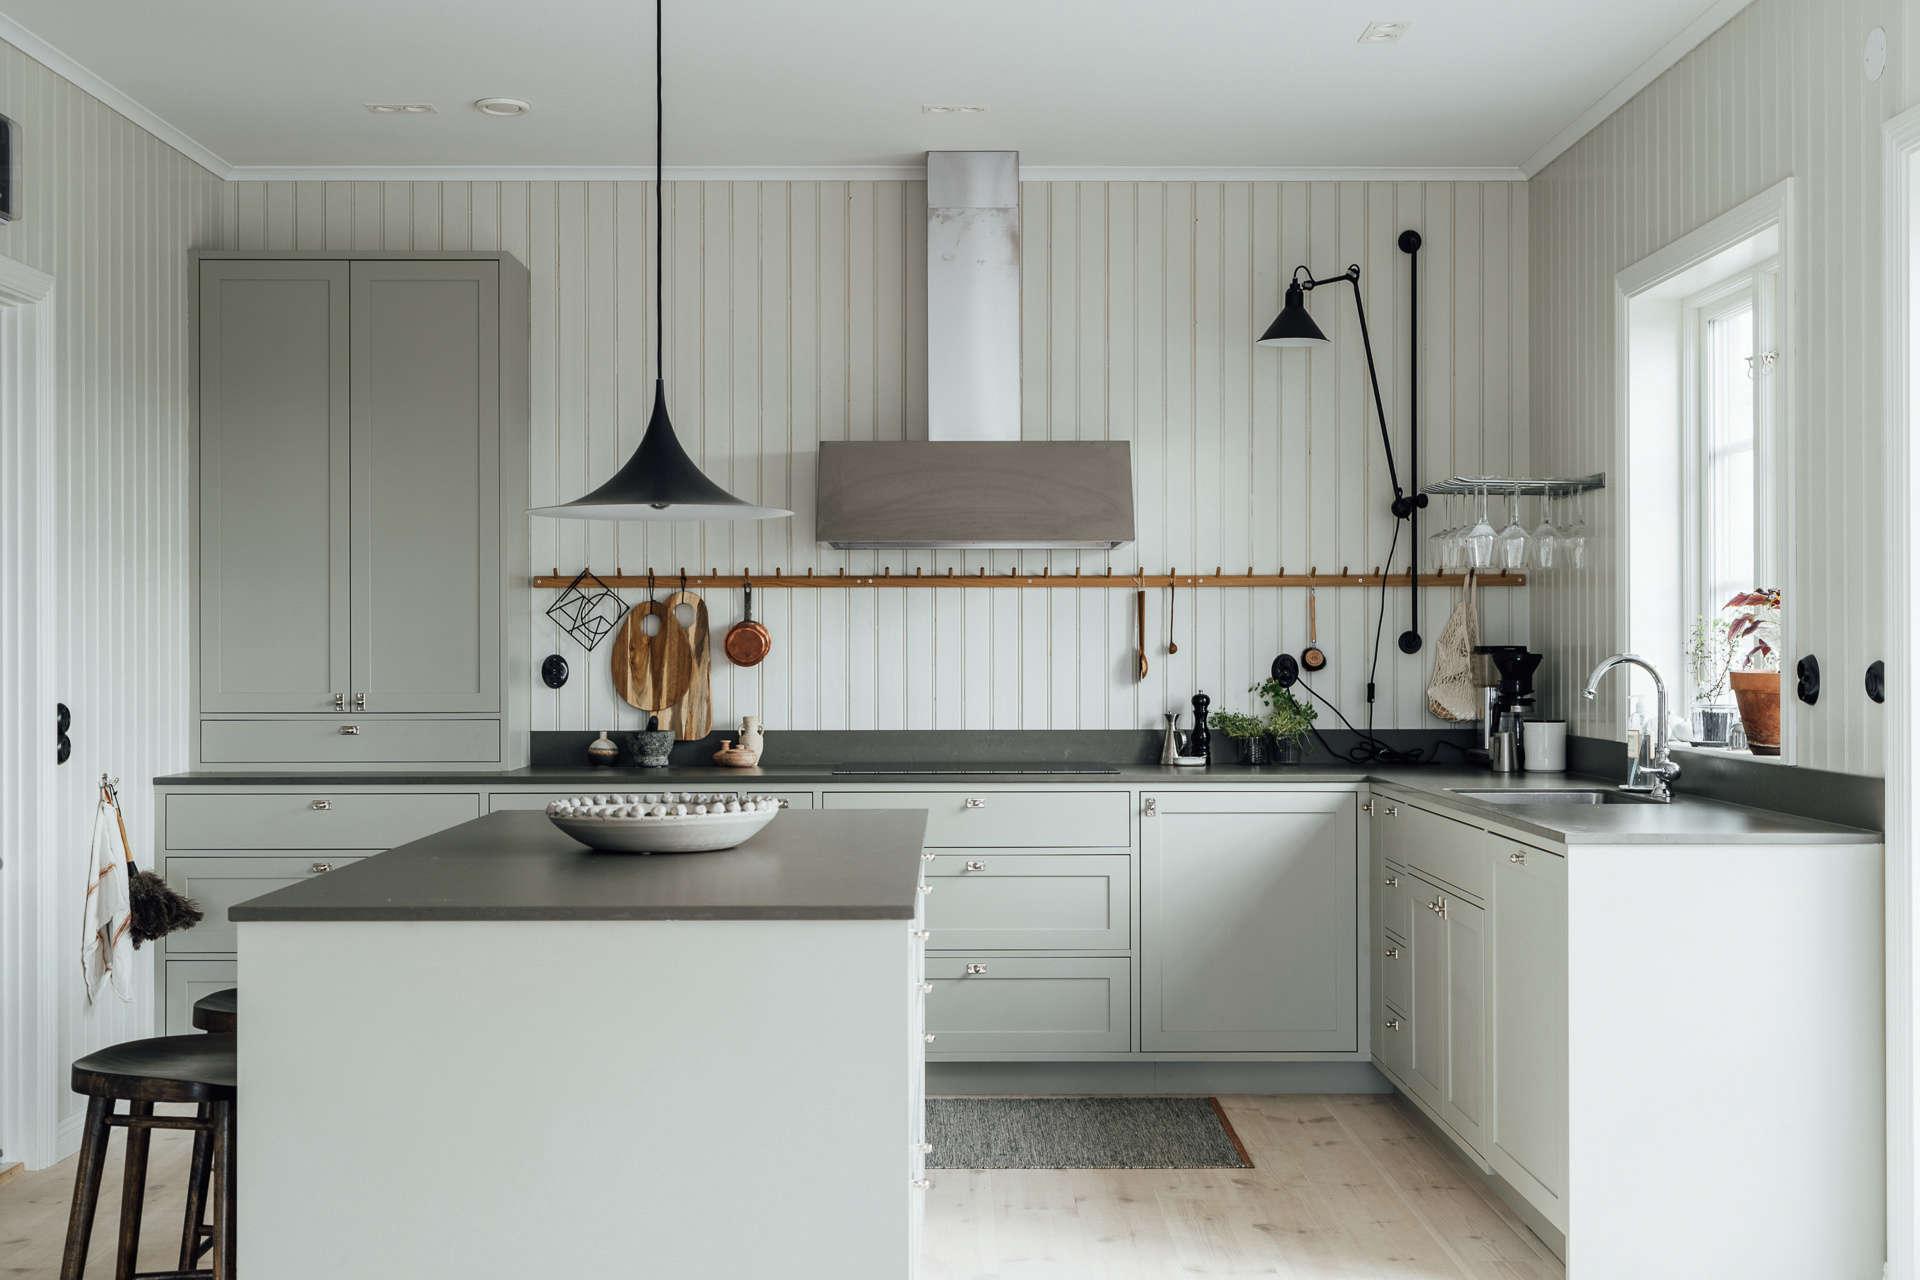 title | The Minimalist Kitchen